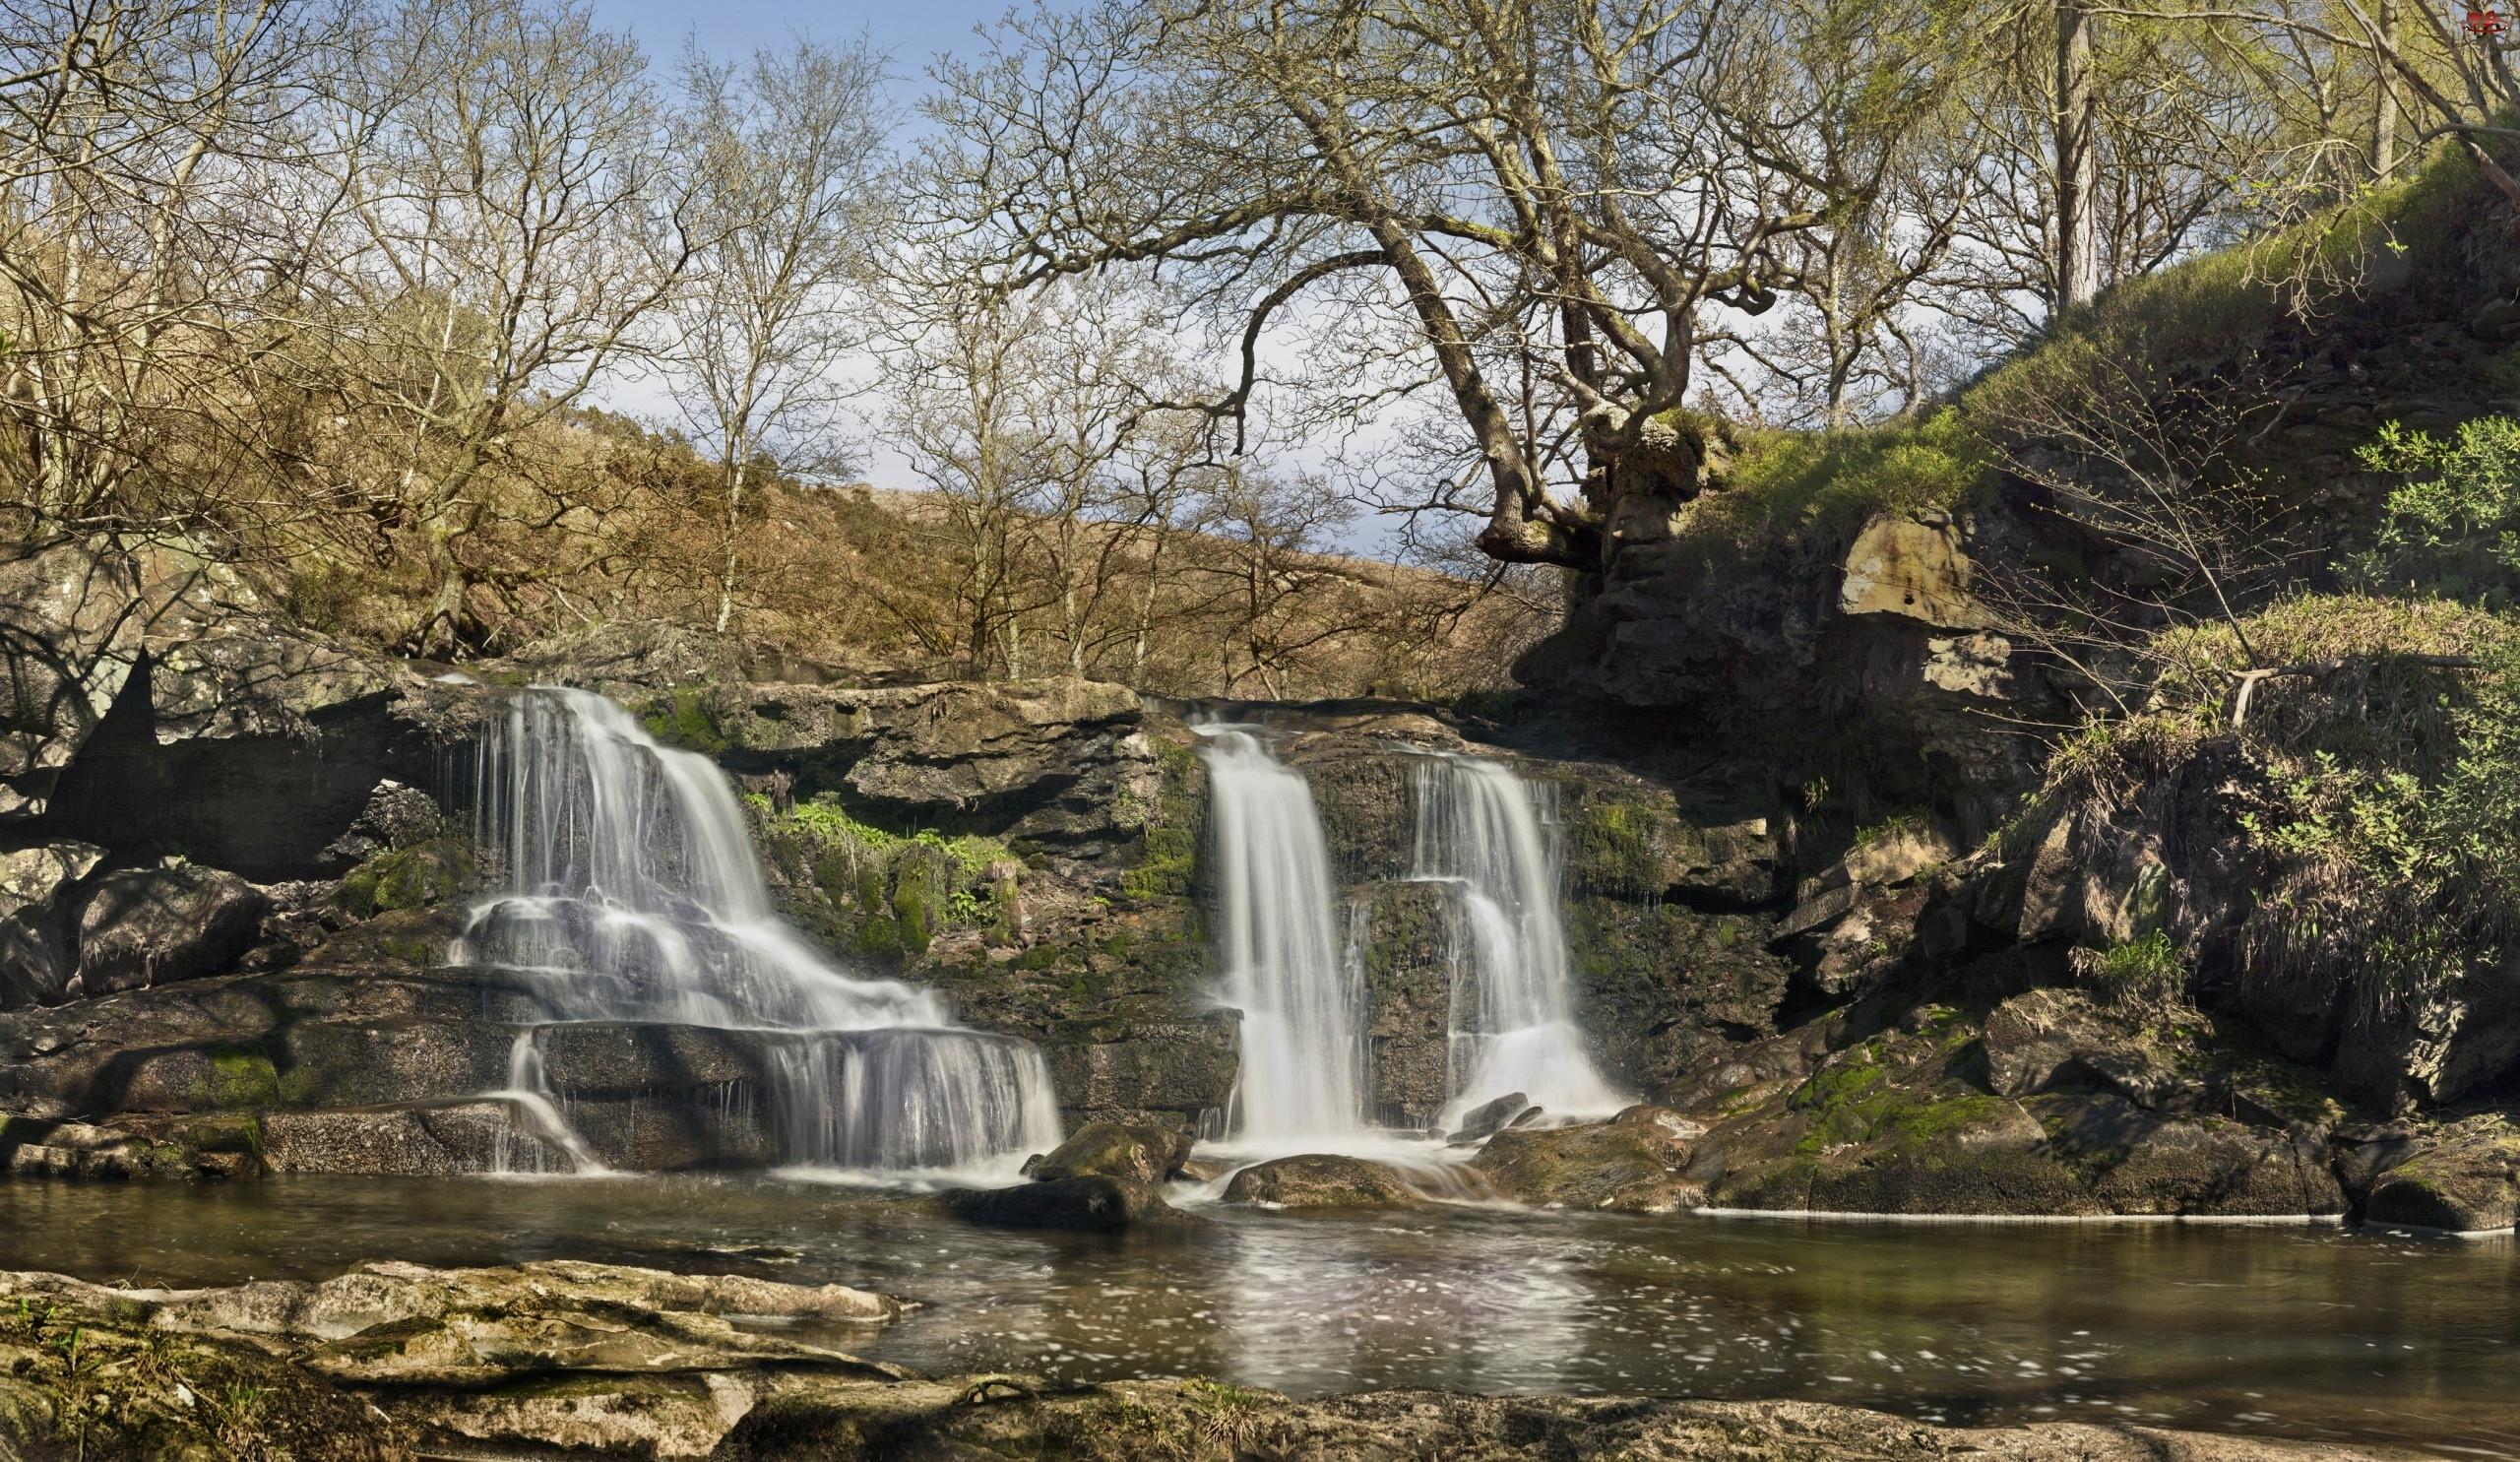 Rzeka, Drzewa, Wodospad, Skały